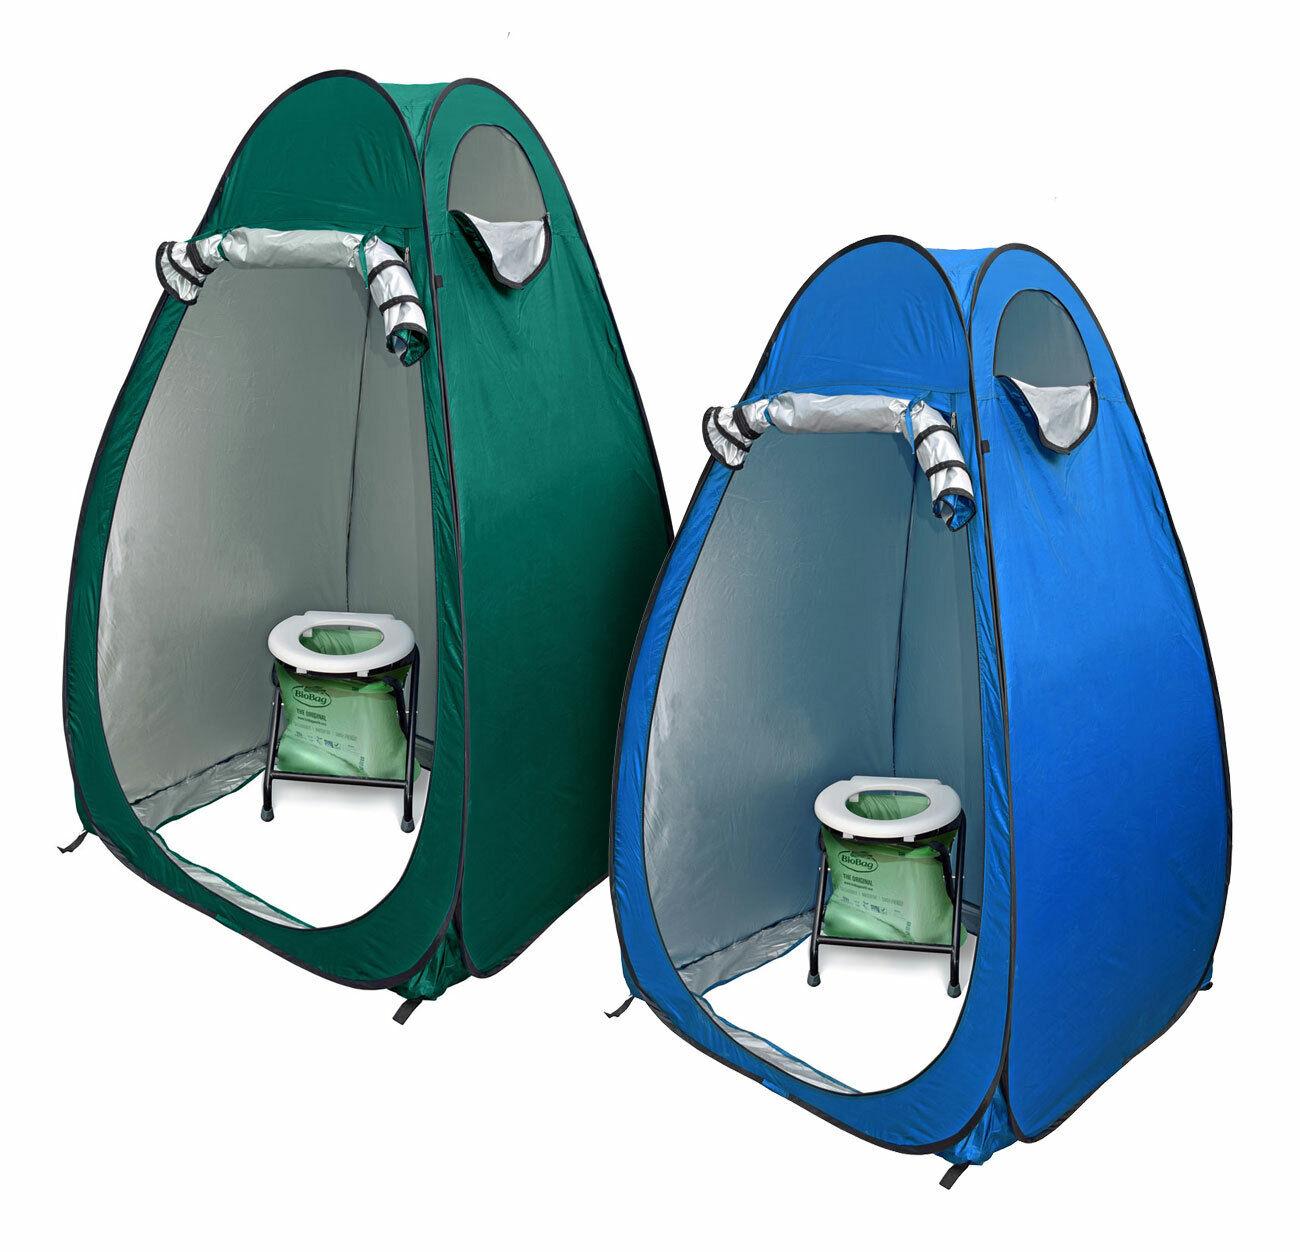 24 Ocean WC borsaNO TOILETTE pieghevole sacca compost popup Tenda duschzelt nello spogliatoio Tenda